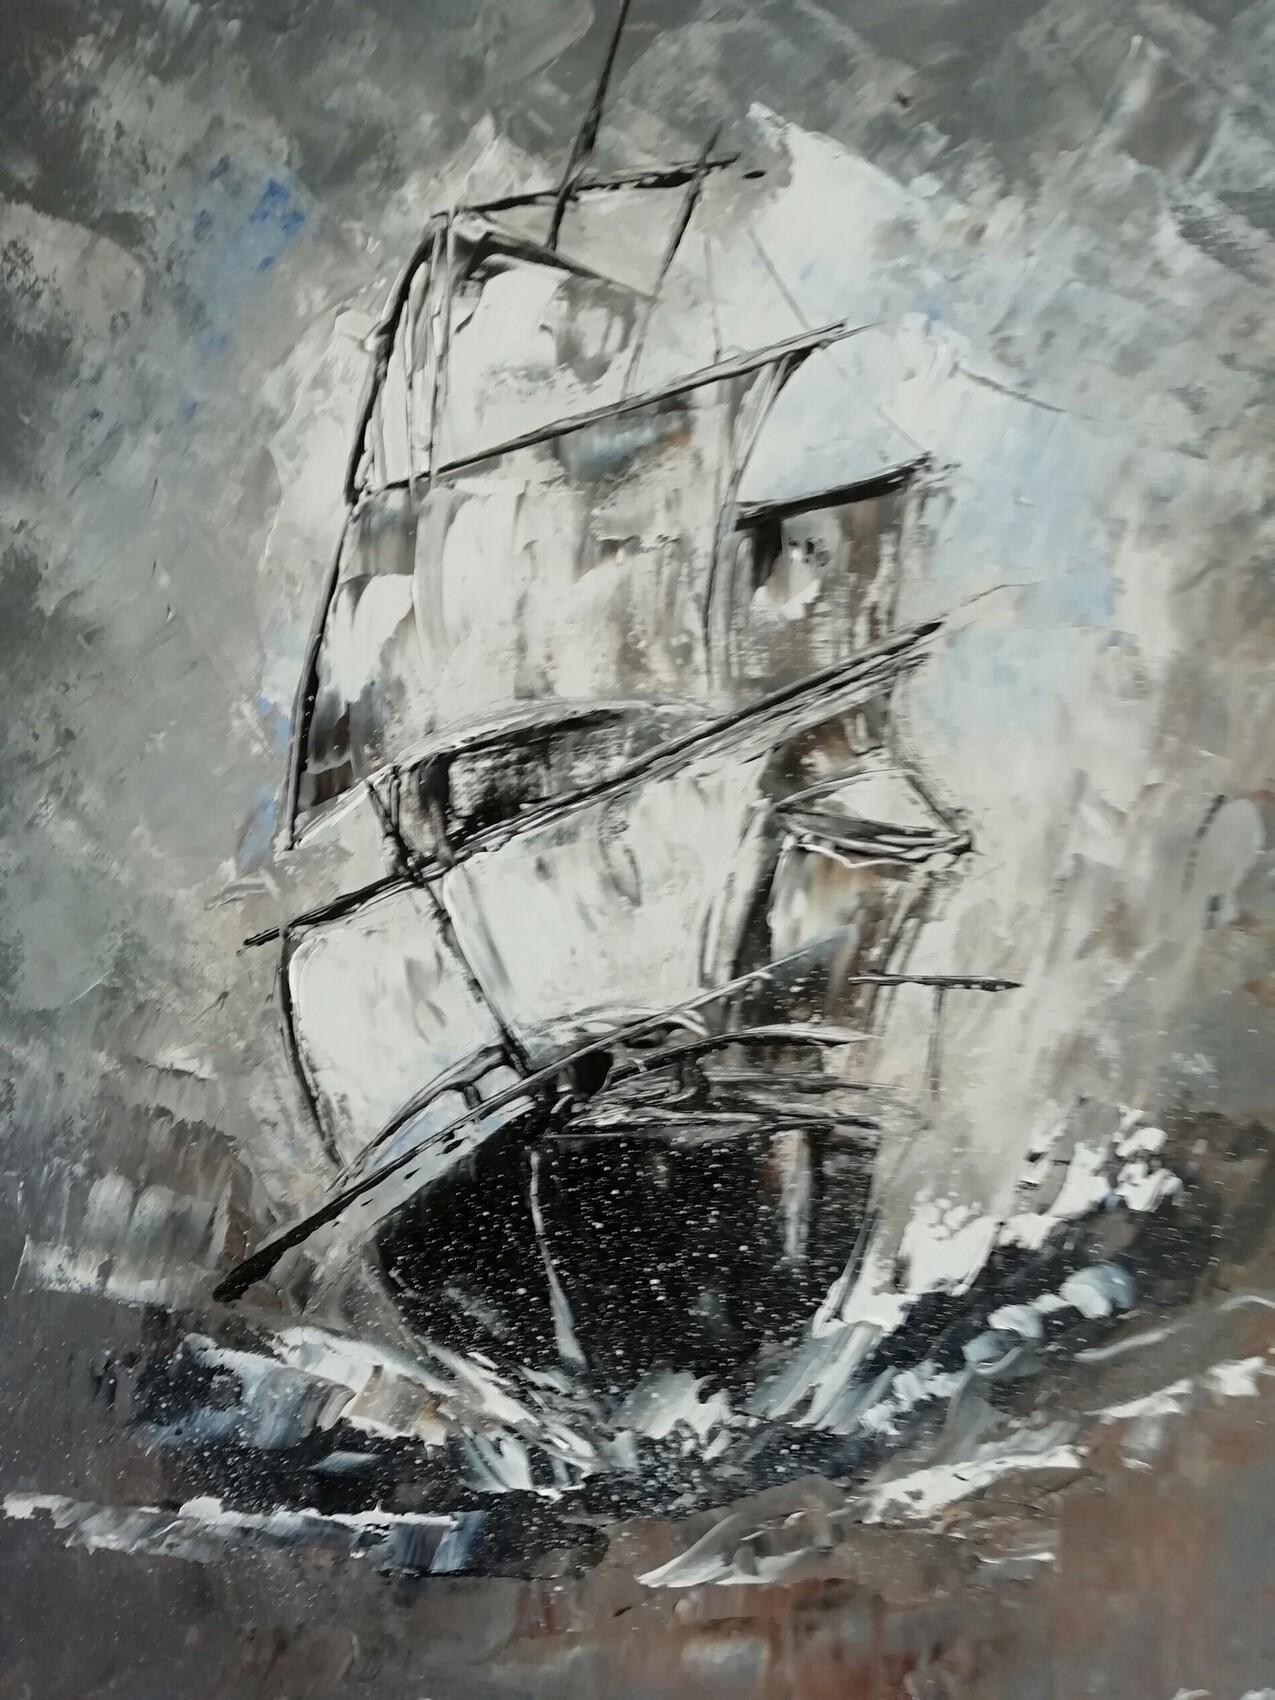 le voilier dans la tempête